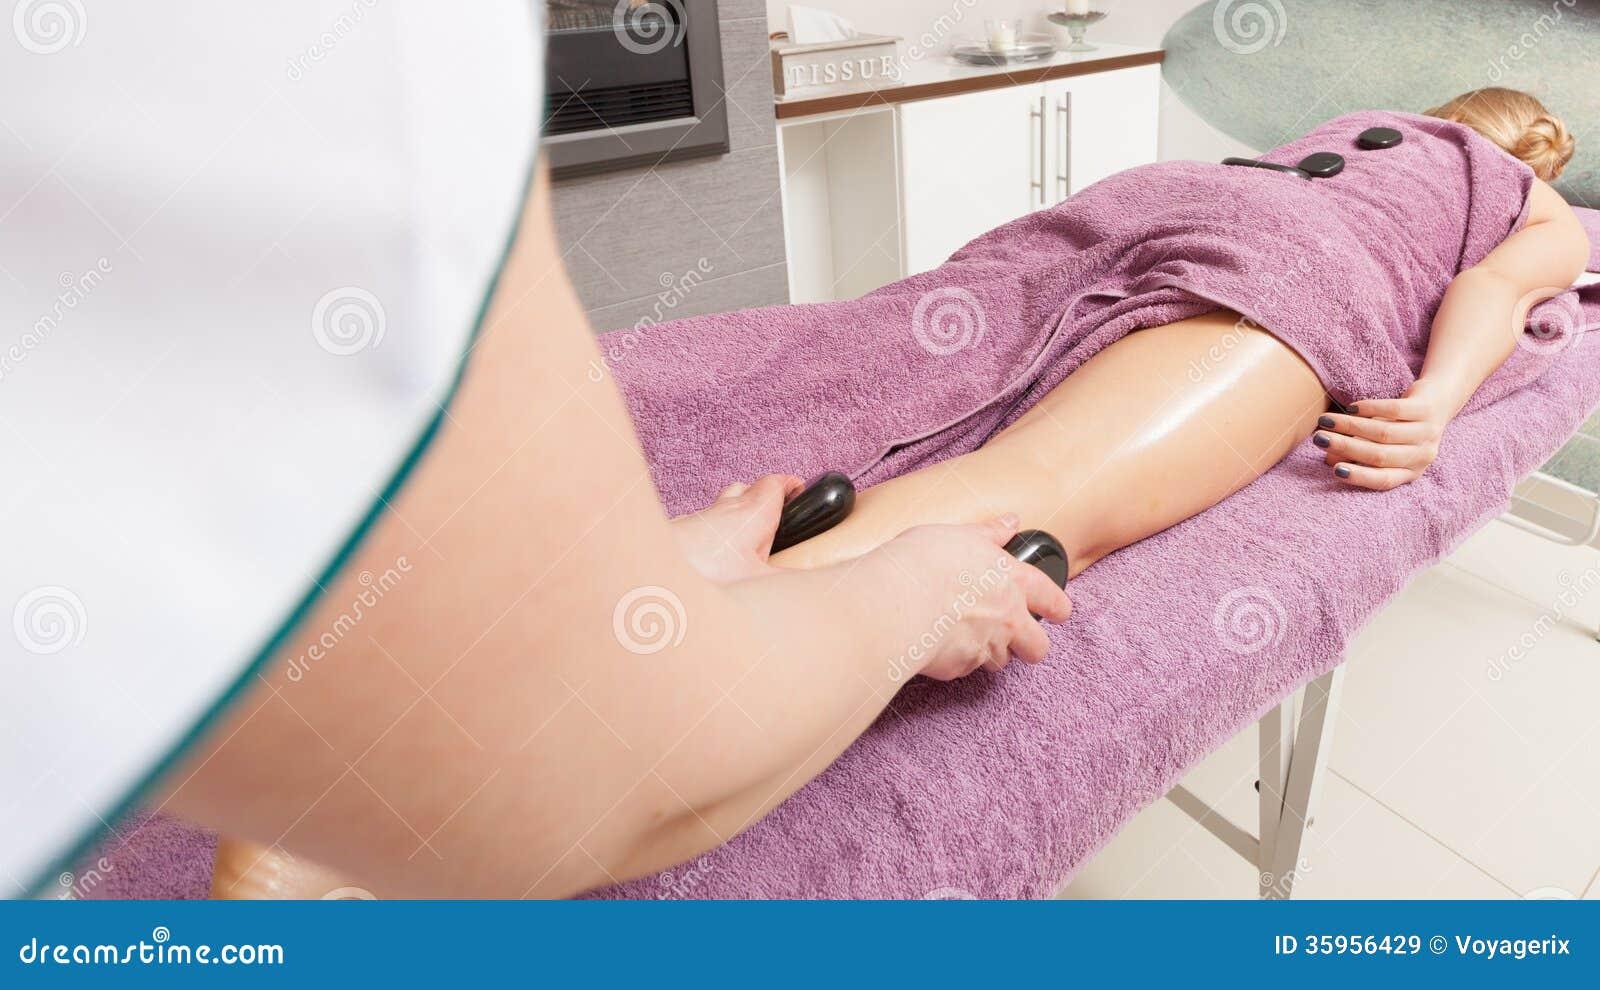 Salón de belleza. Mujer que consigue a balneario masaje de piedra caliente de las piernas